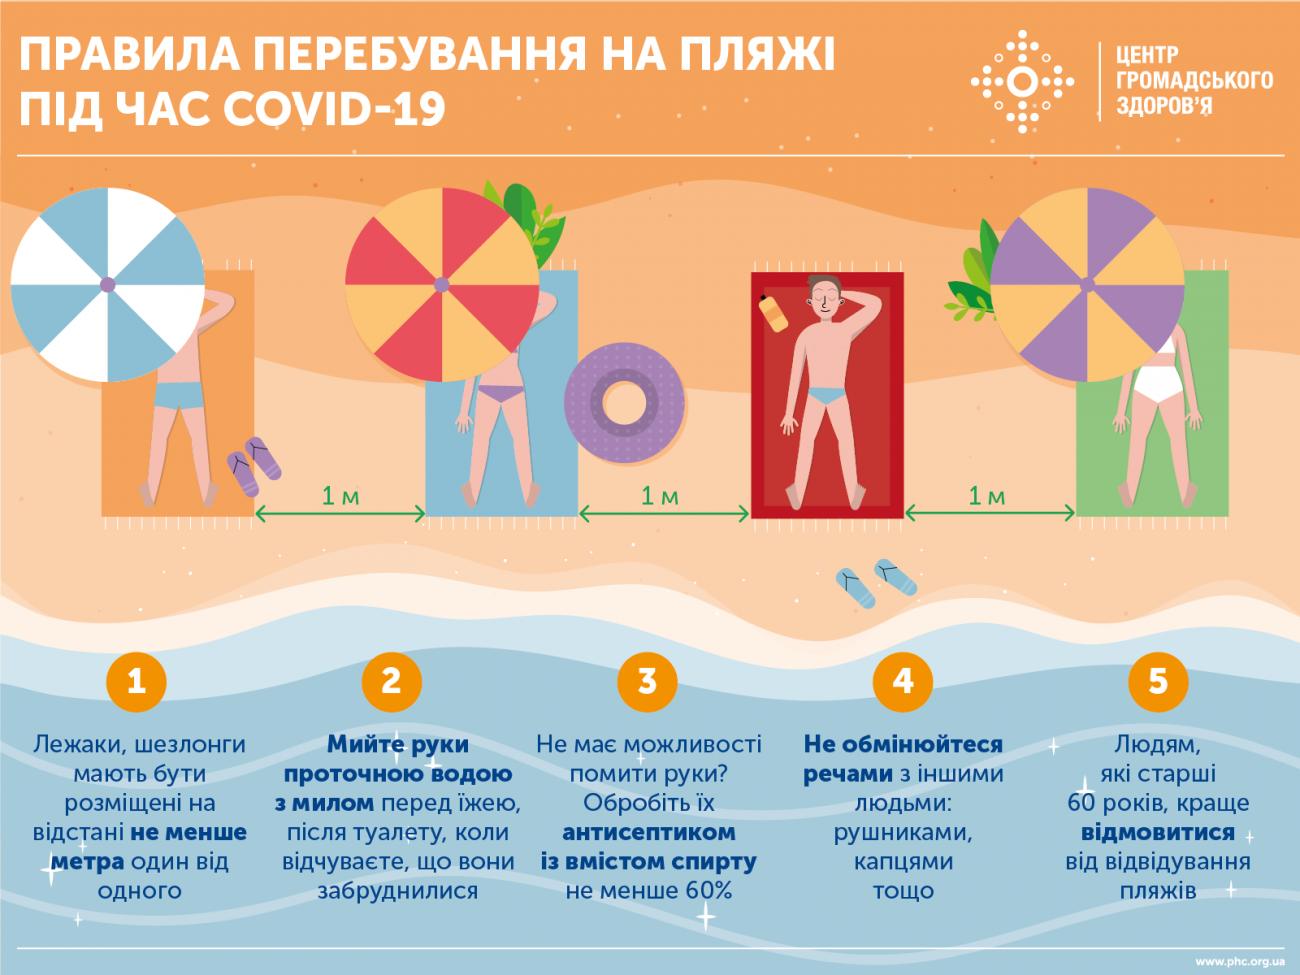 Правила купання на пляжі